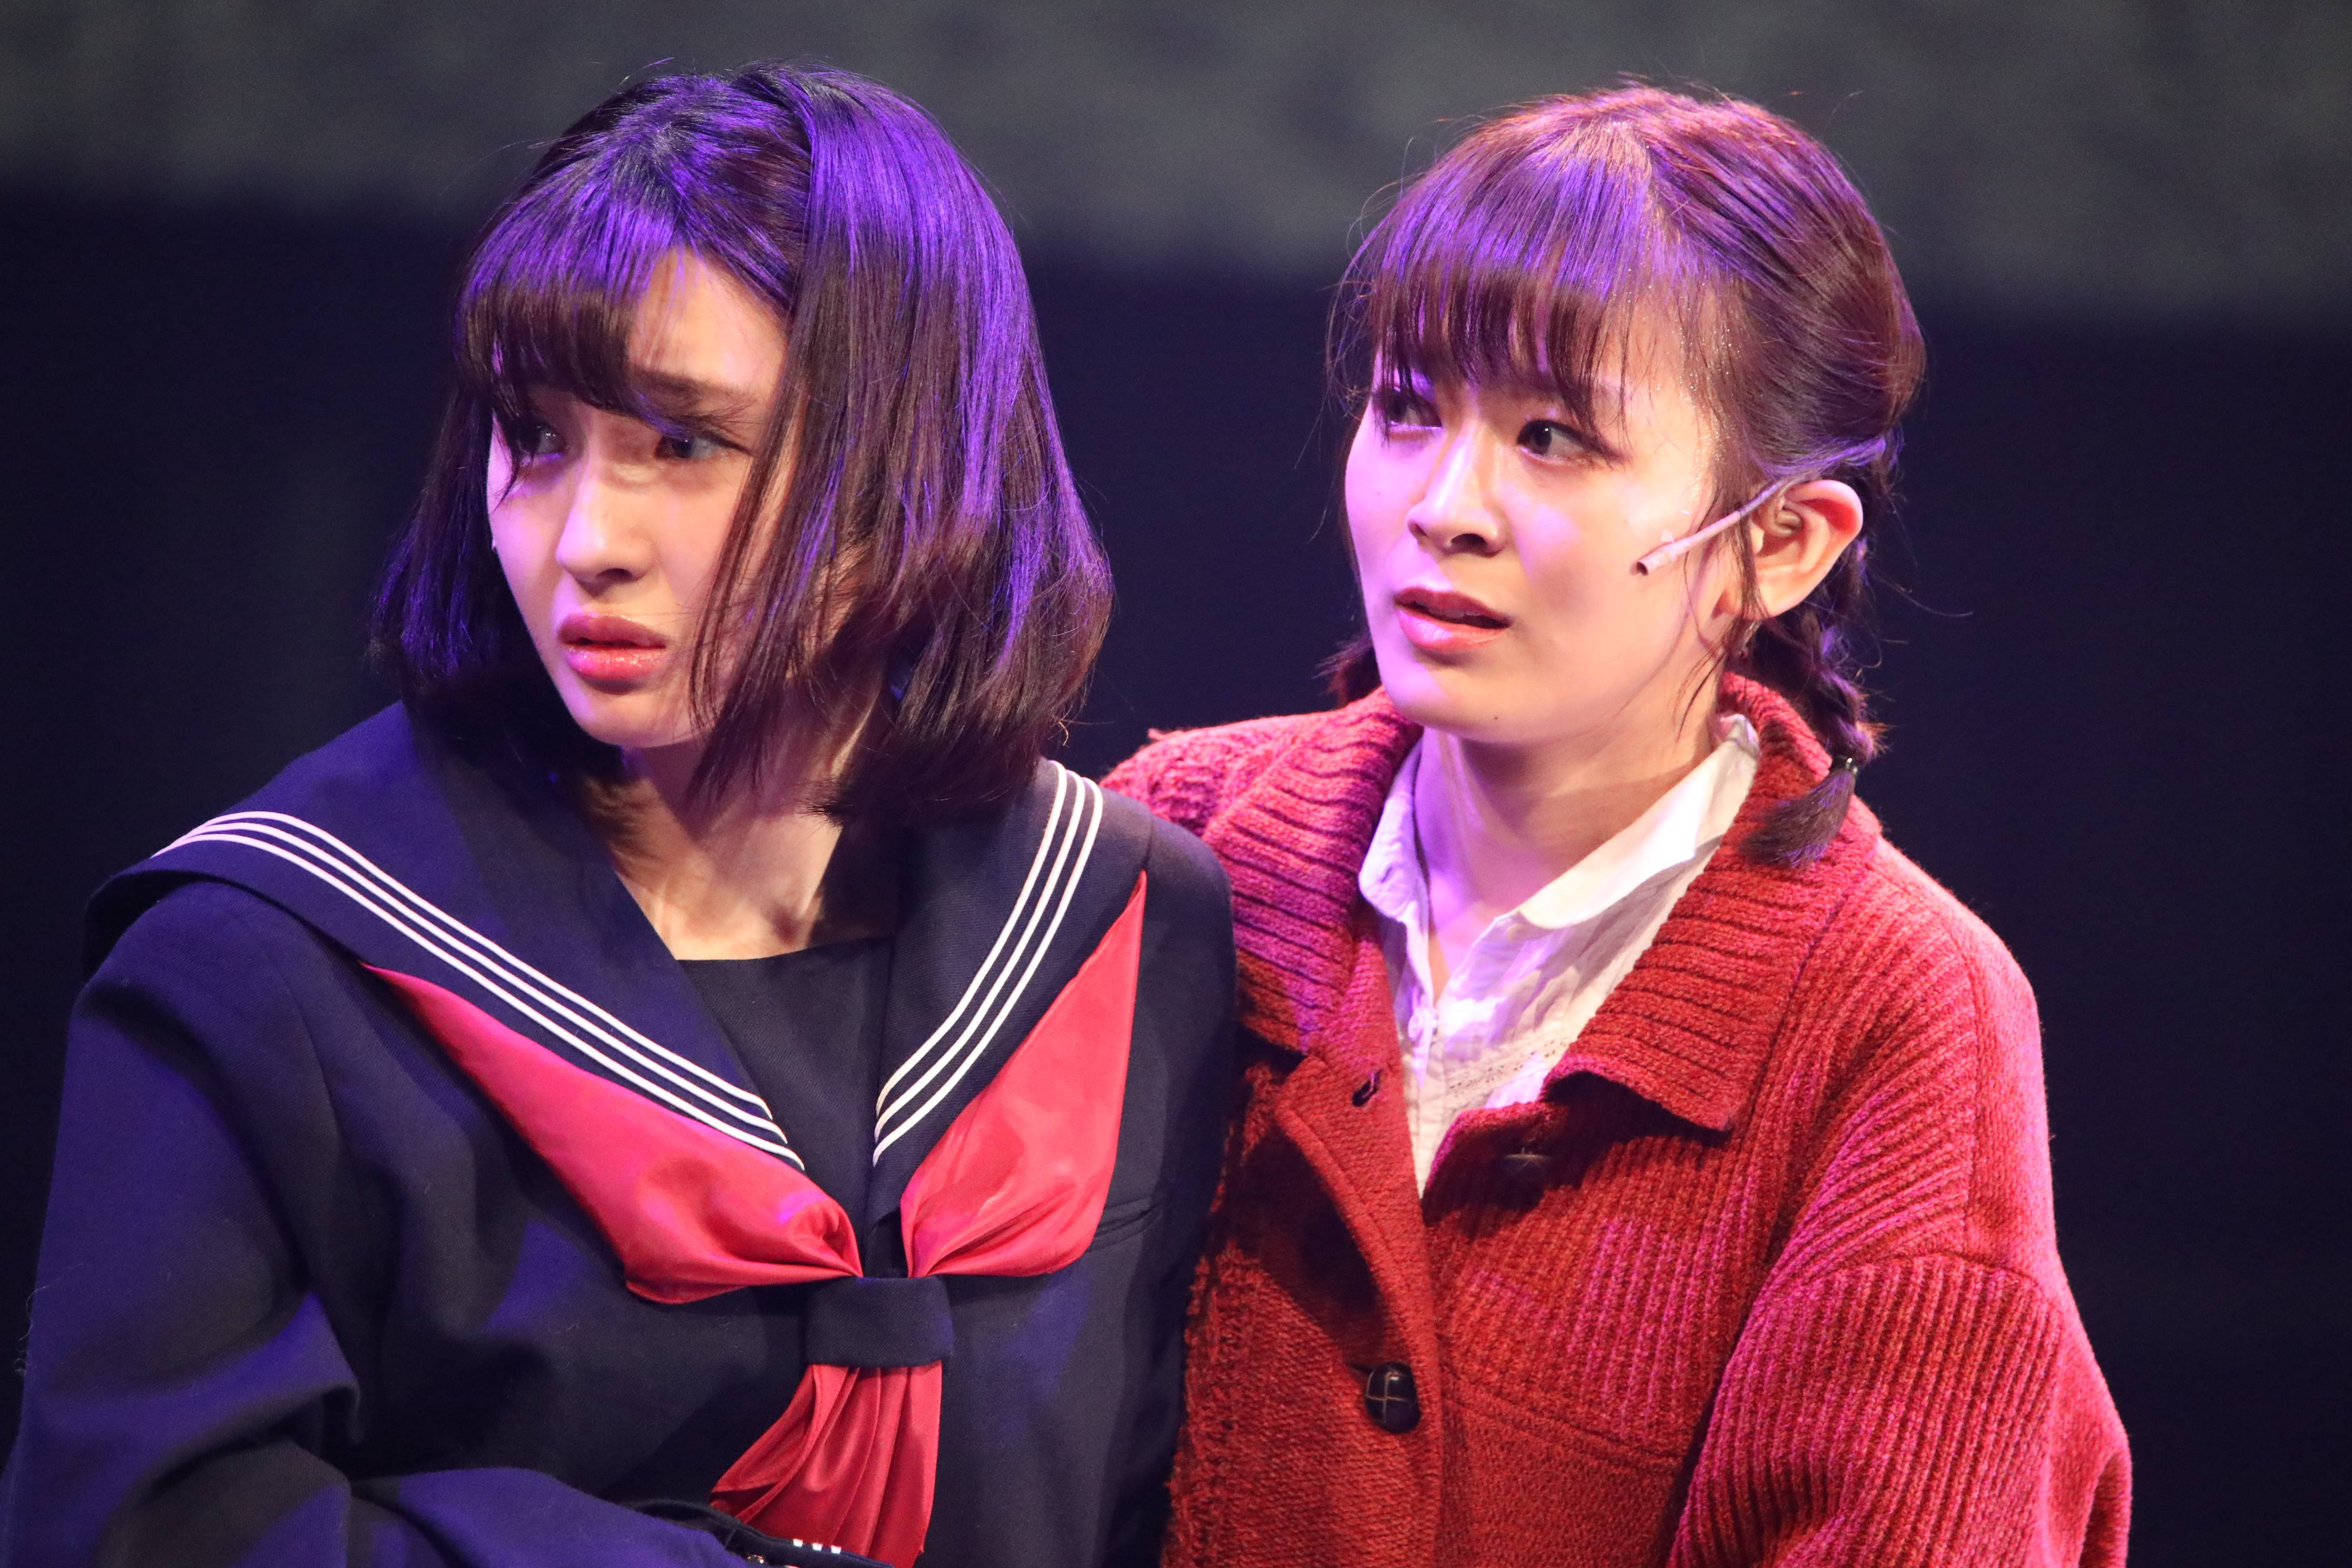 舞台「フラガール」で早苗を演じる太田奈緒(右)